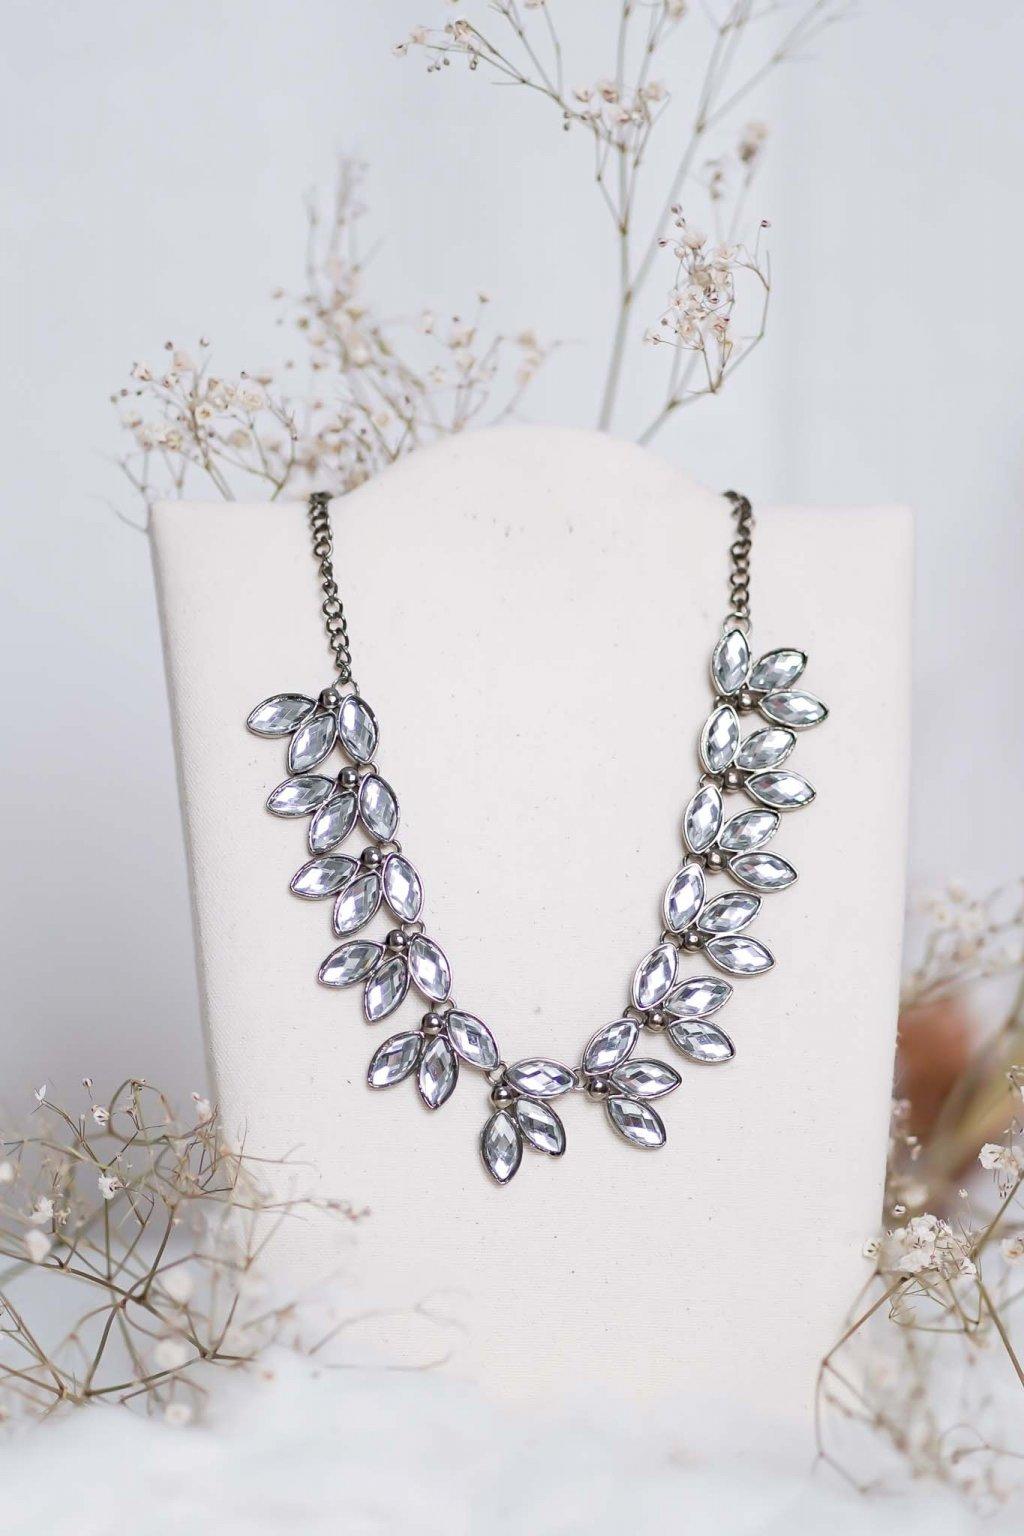 náhrdelník, spoločenský, bežný deň, kamienkový, farebný, čierny, strieborný, zelený, cyklamenévy, náhrdelník, bižuteria, šperk, šperky, ples, stužková, svadba, 025